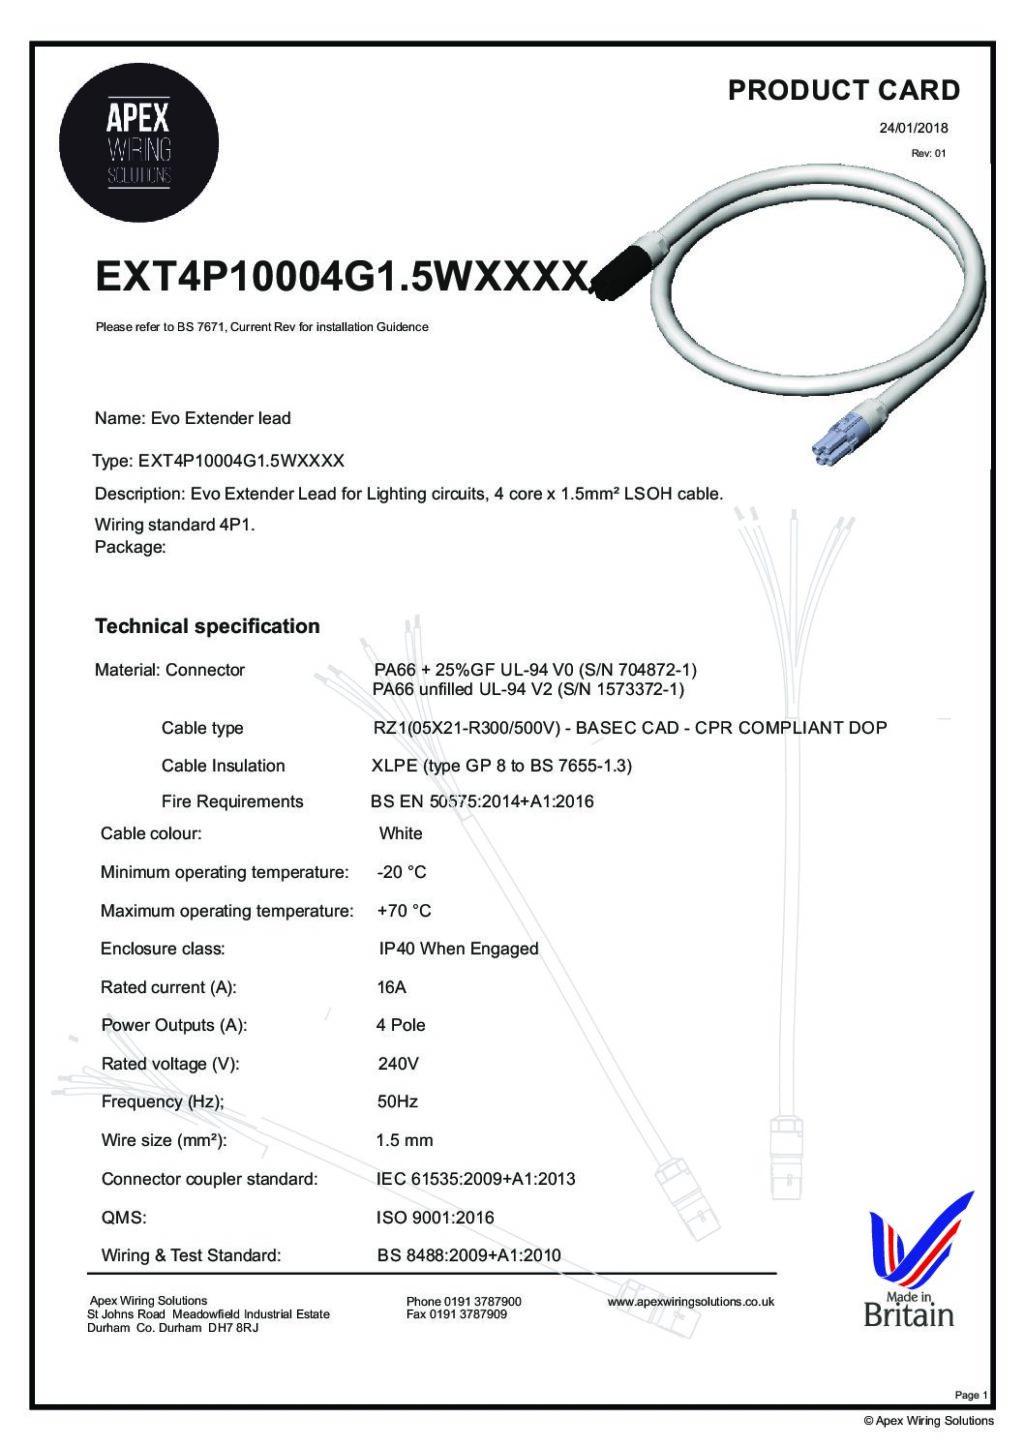 EXT4P10004G1.5WXXXX